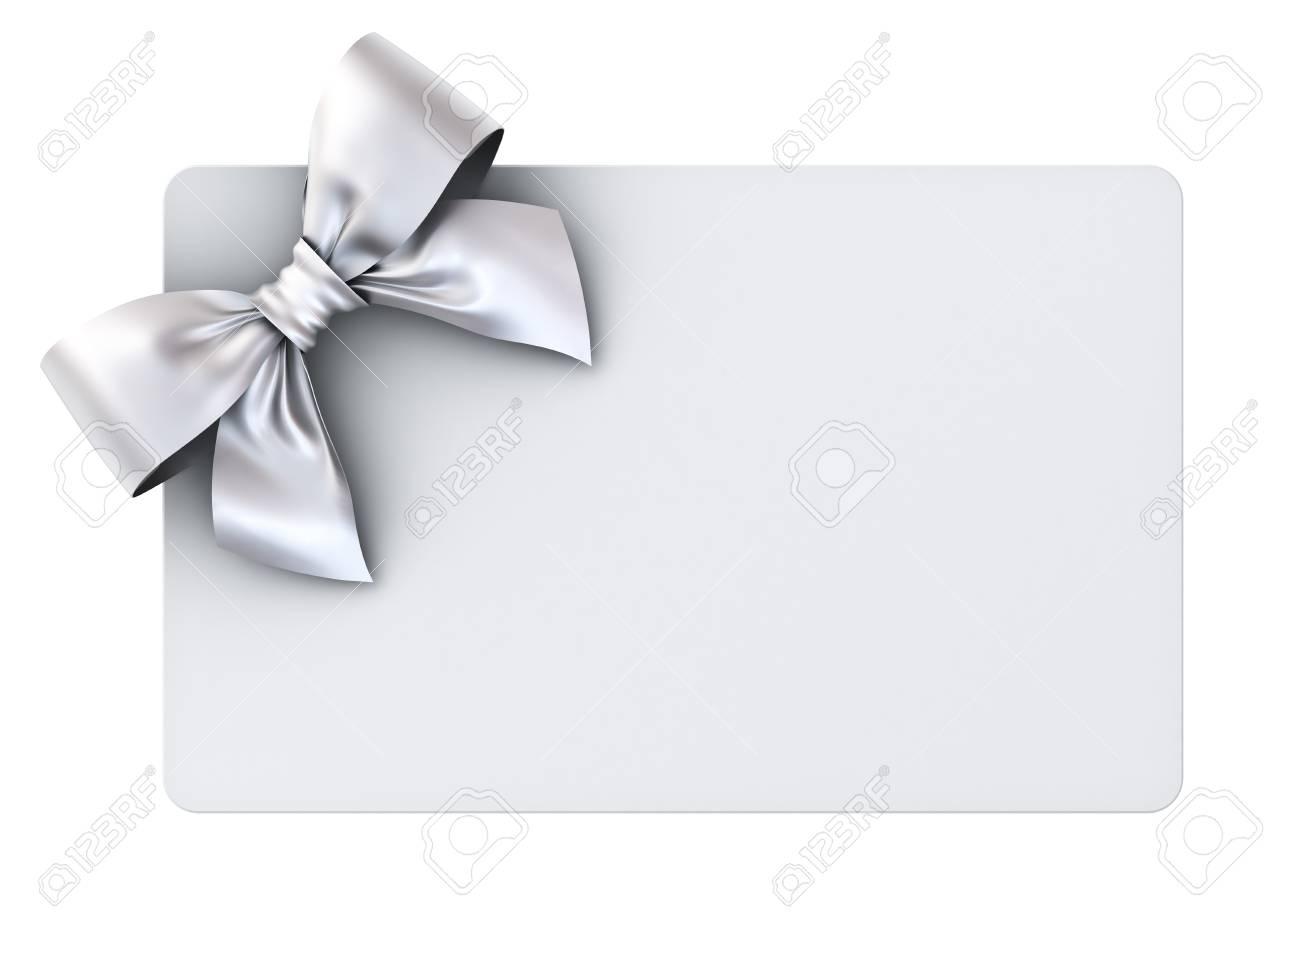 Carte Cadeau Vierge Avec Un Arc De Ruban Dargent Isolé Sur Fond Blanc Rendu 3d